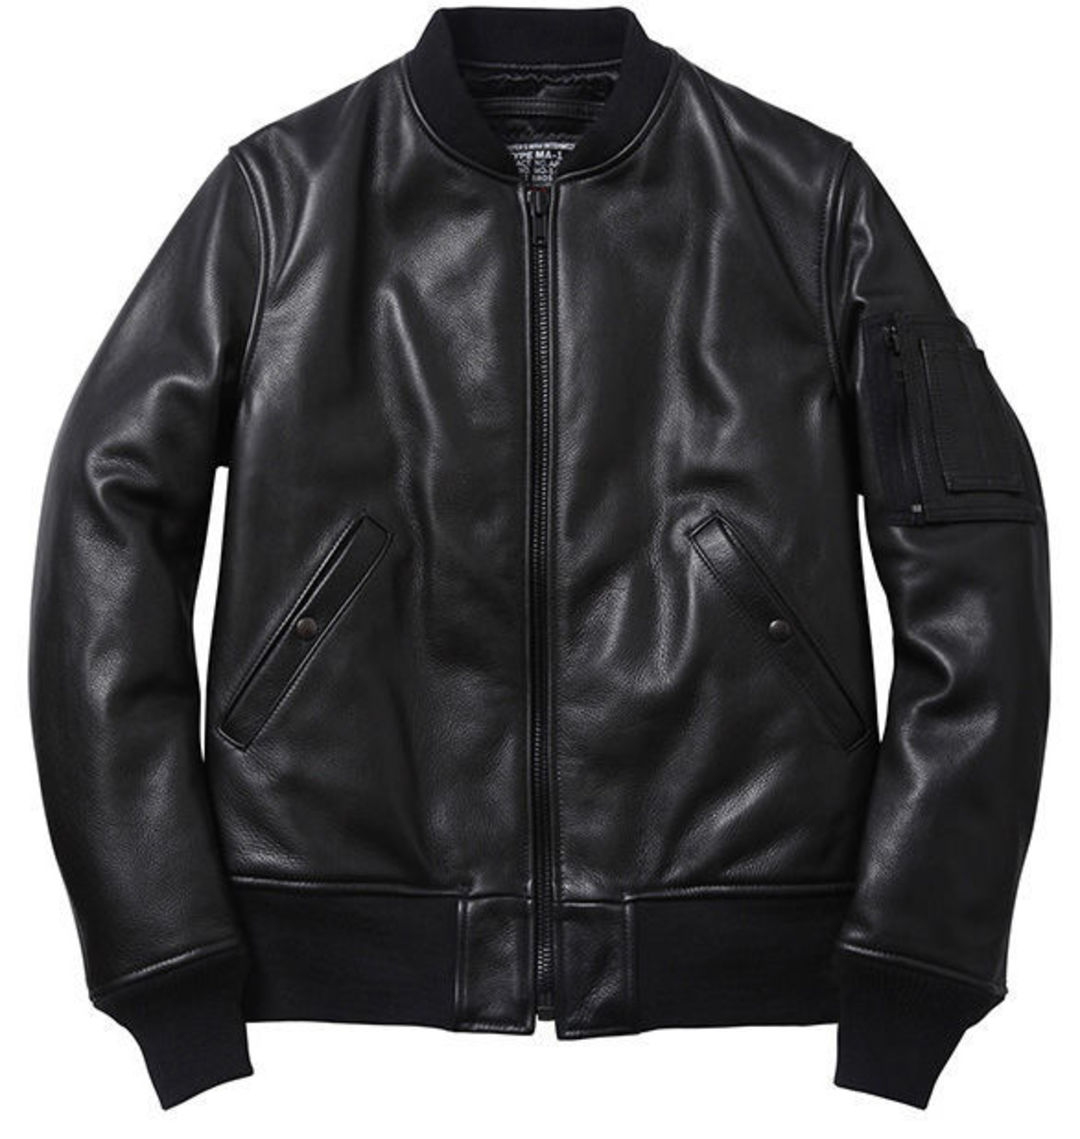 秋风起,男生请收下这份皮夹克不完全购买指南_时尚_好奇心日报